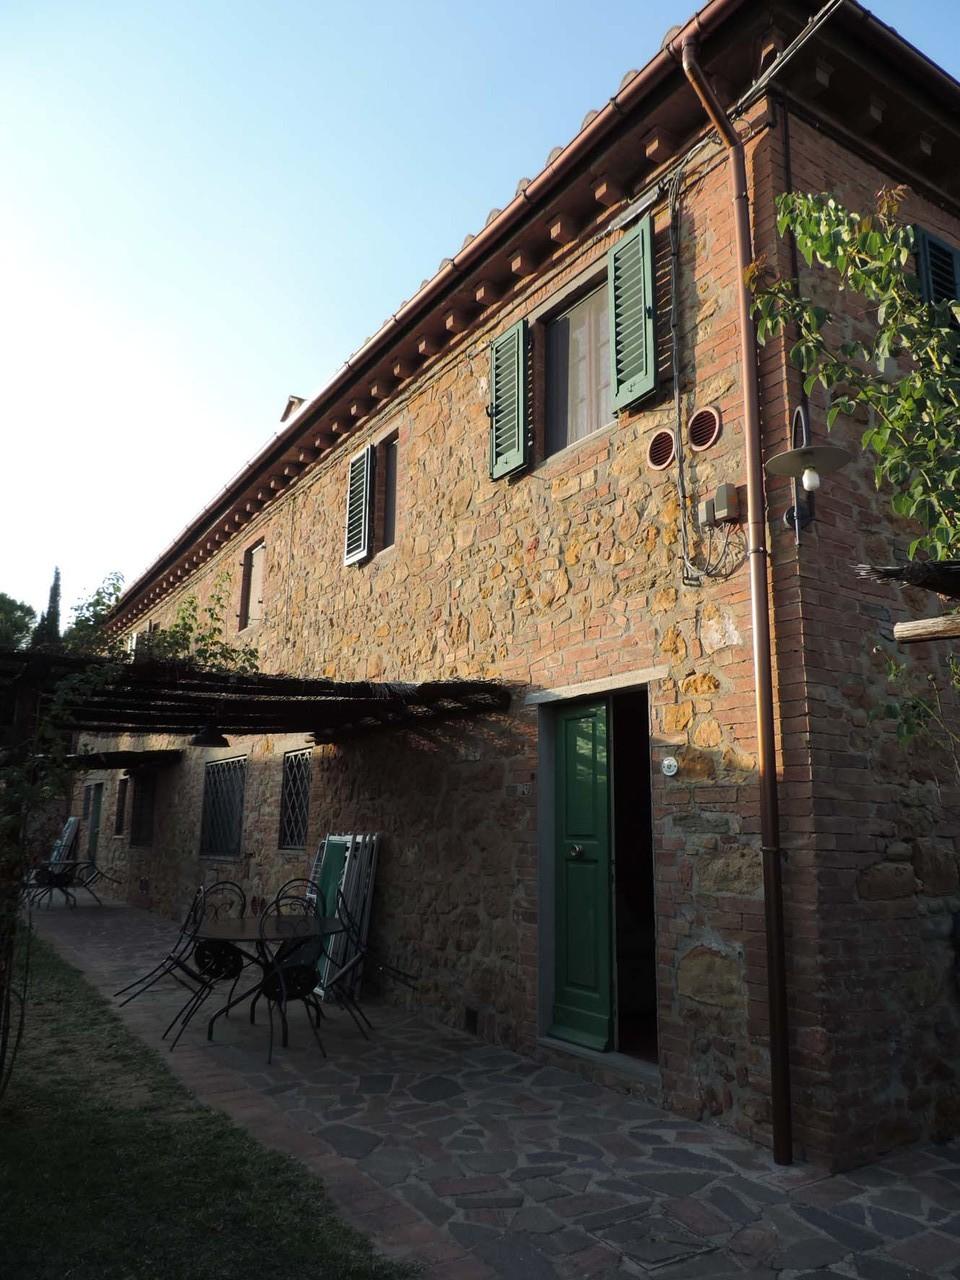 Ziel erreicht: Castellare Di Tonda, Montaione (30 Grad)